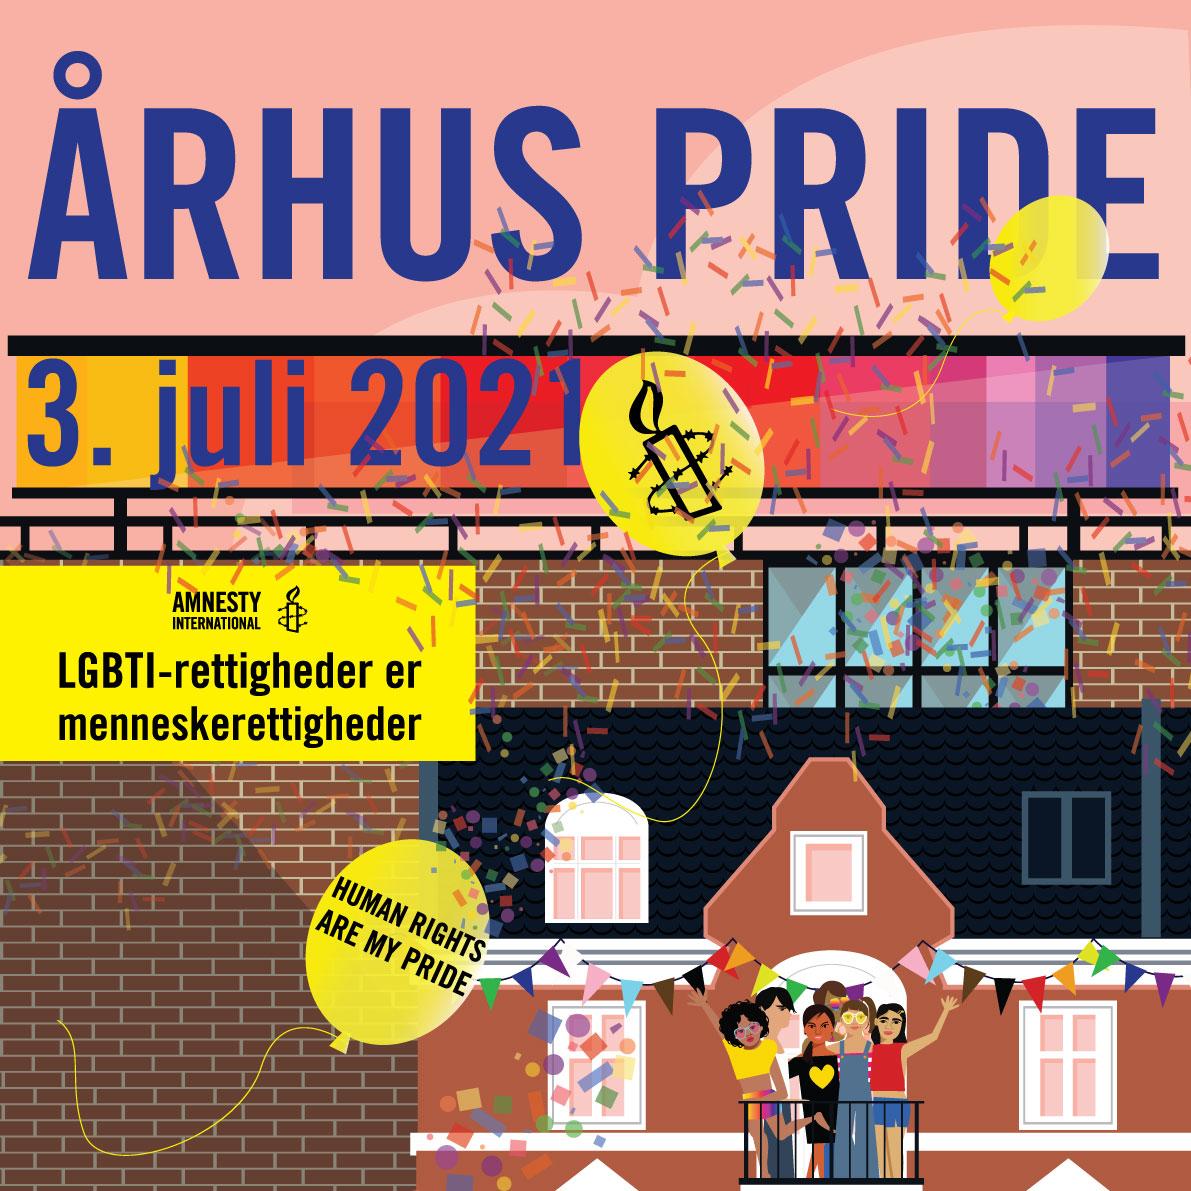 revised-ÅRHUS-square